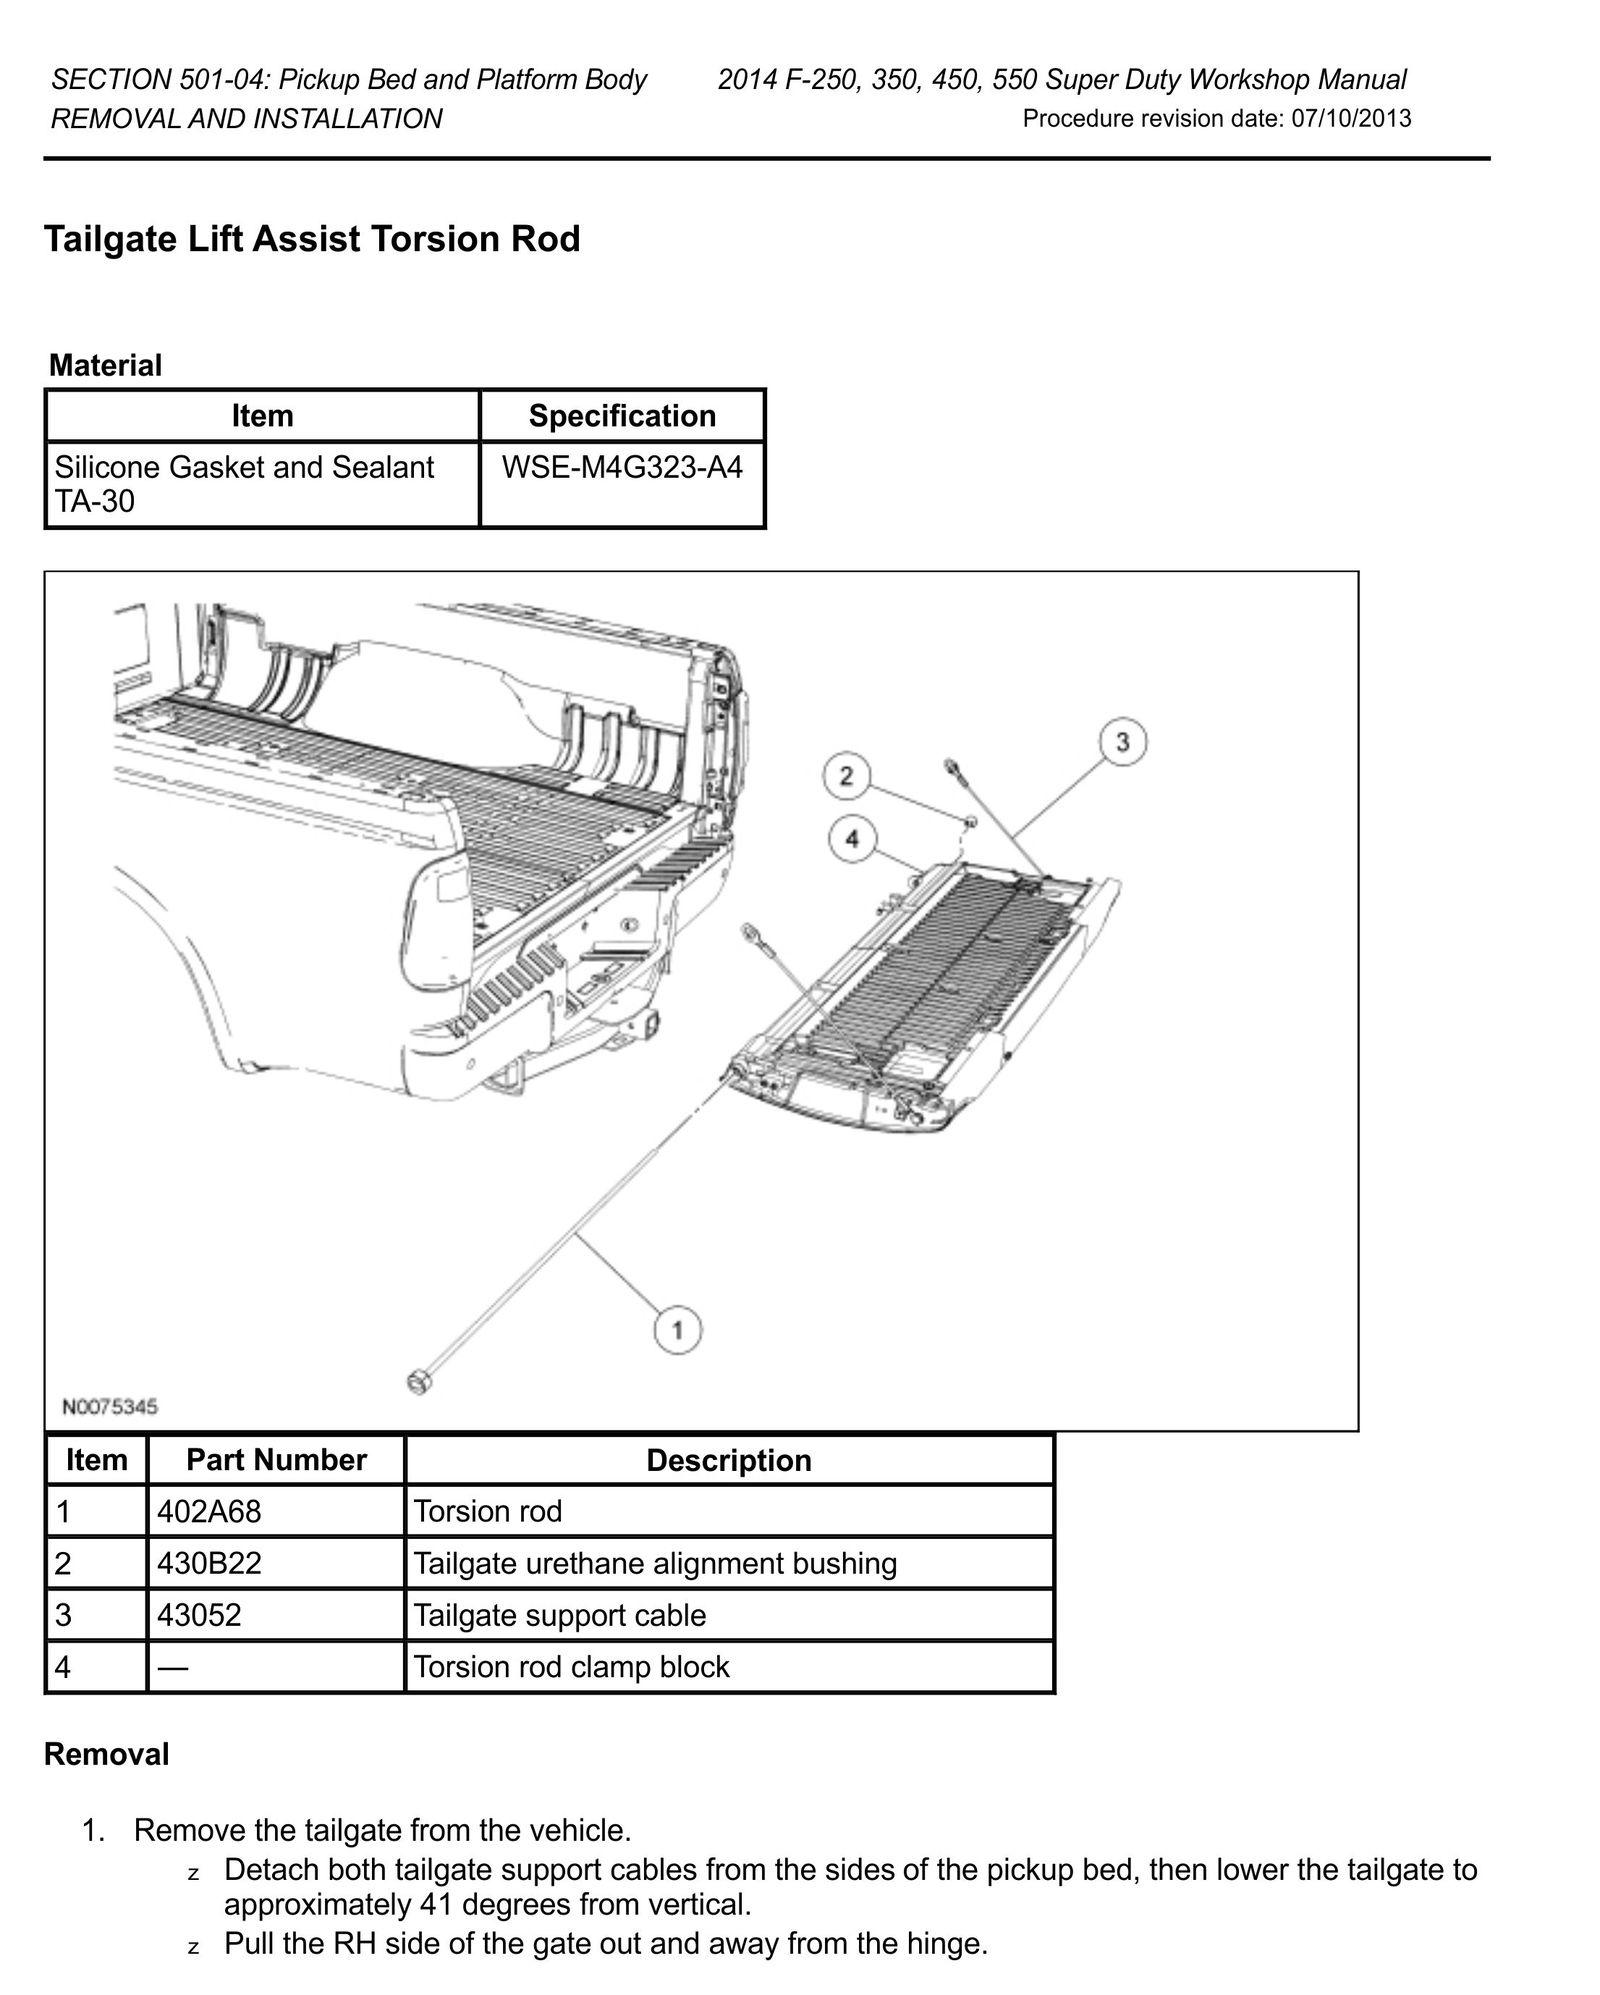 2002 f150 4x4 torsion bar removal